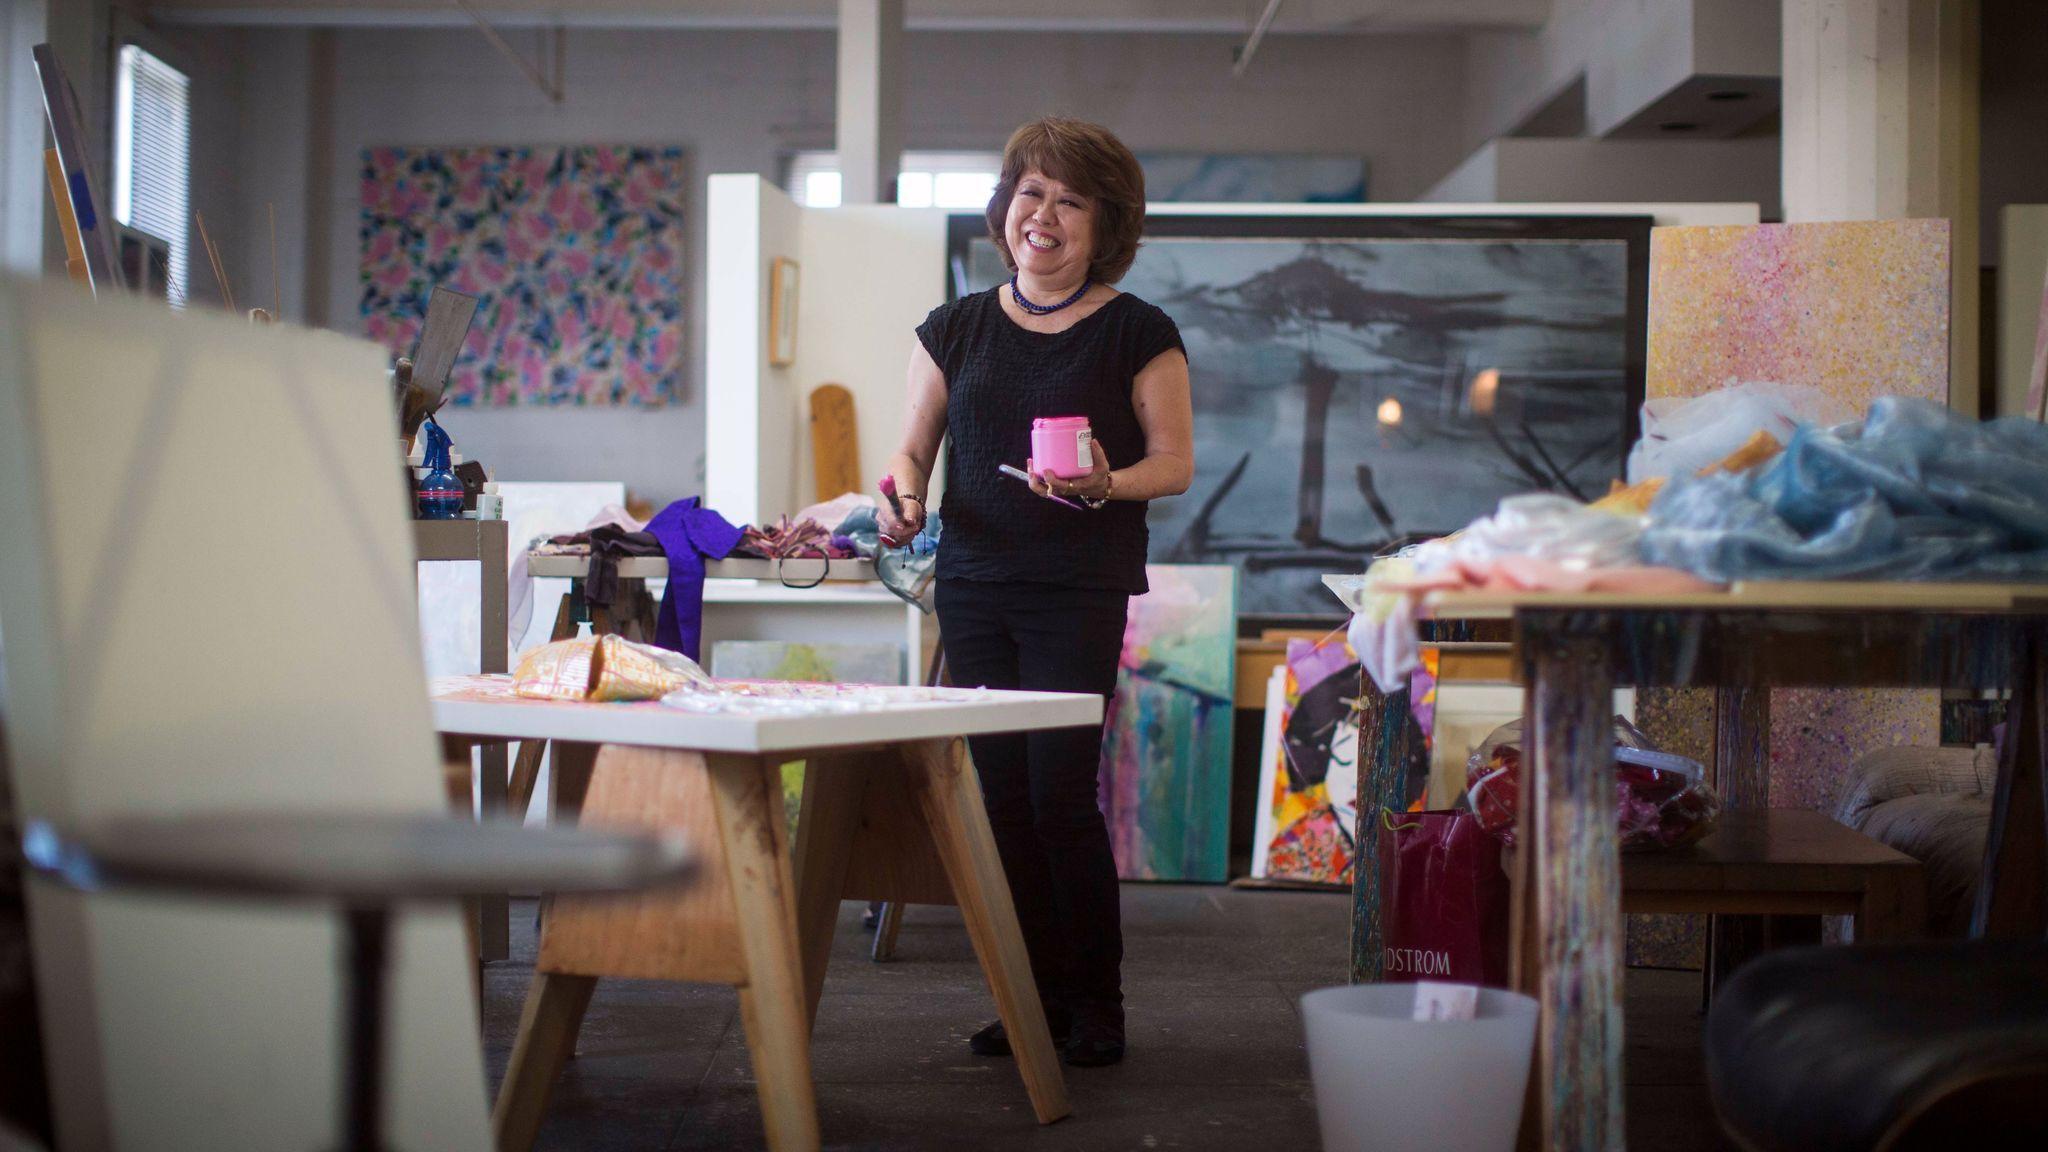 Painter Nancy Uyemura in her studio at 800 Traction in 2014.